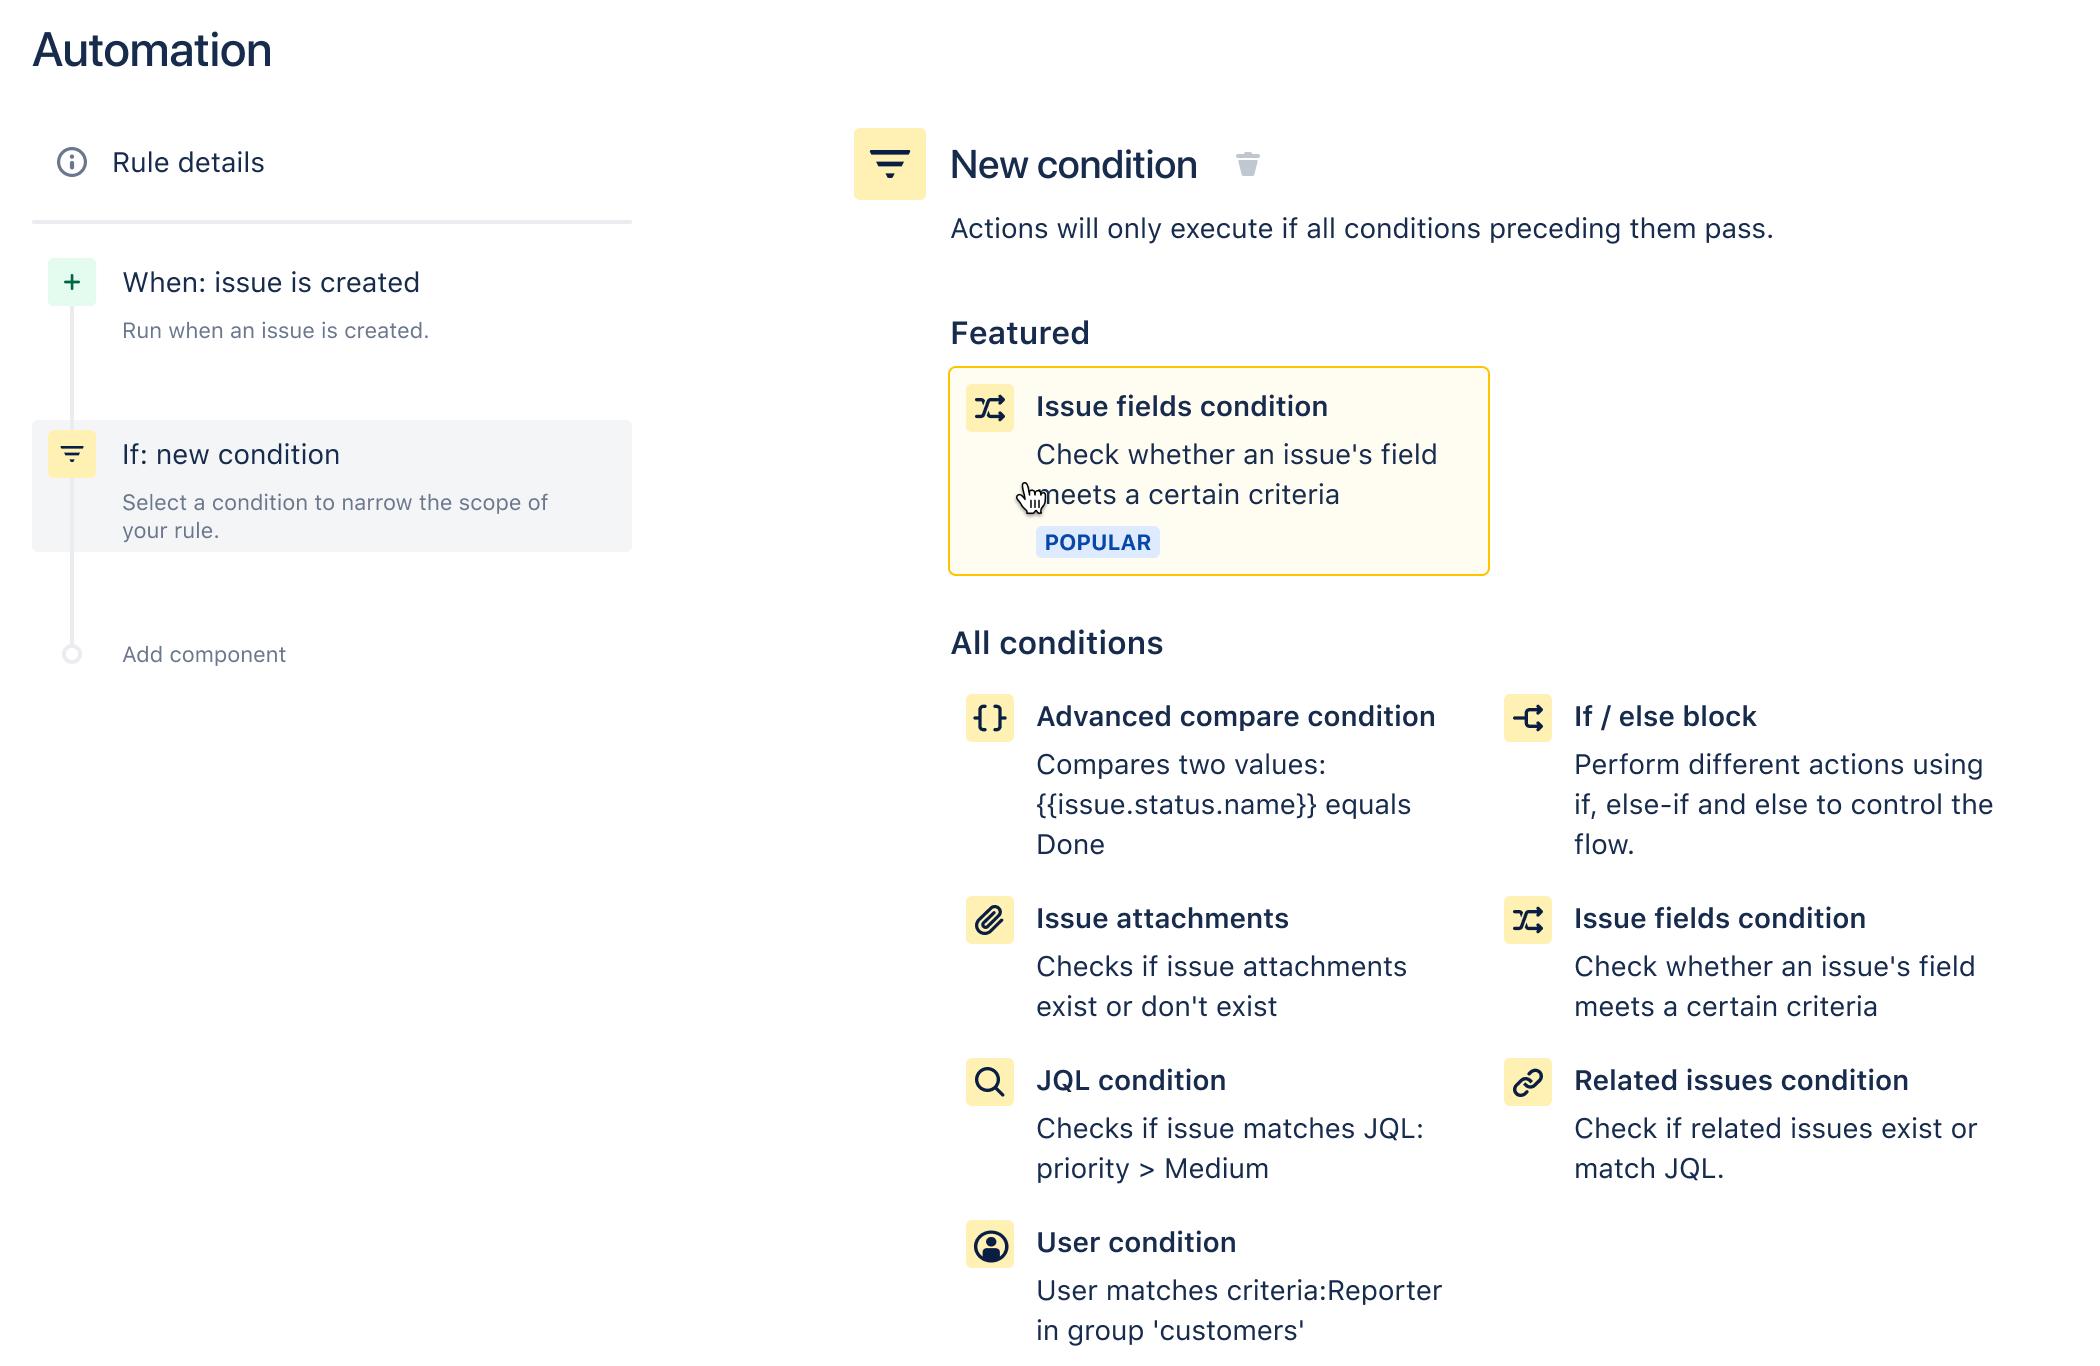 Список условий, доступных при создании правила.